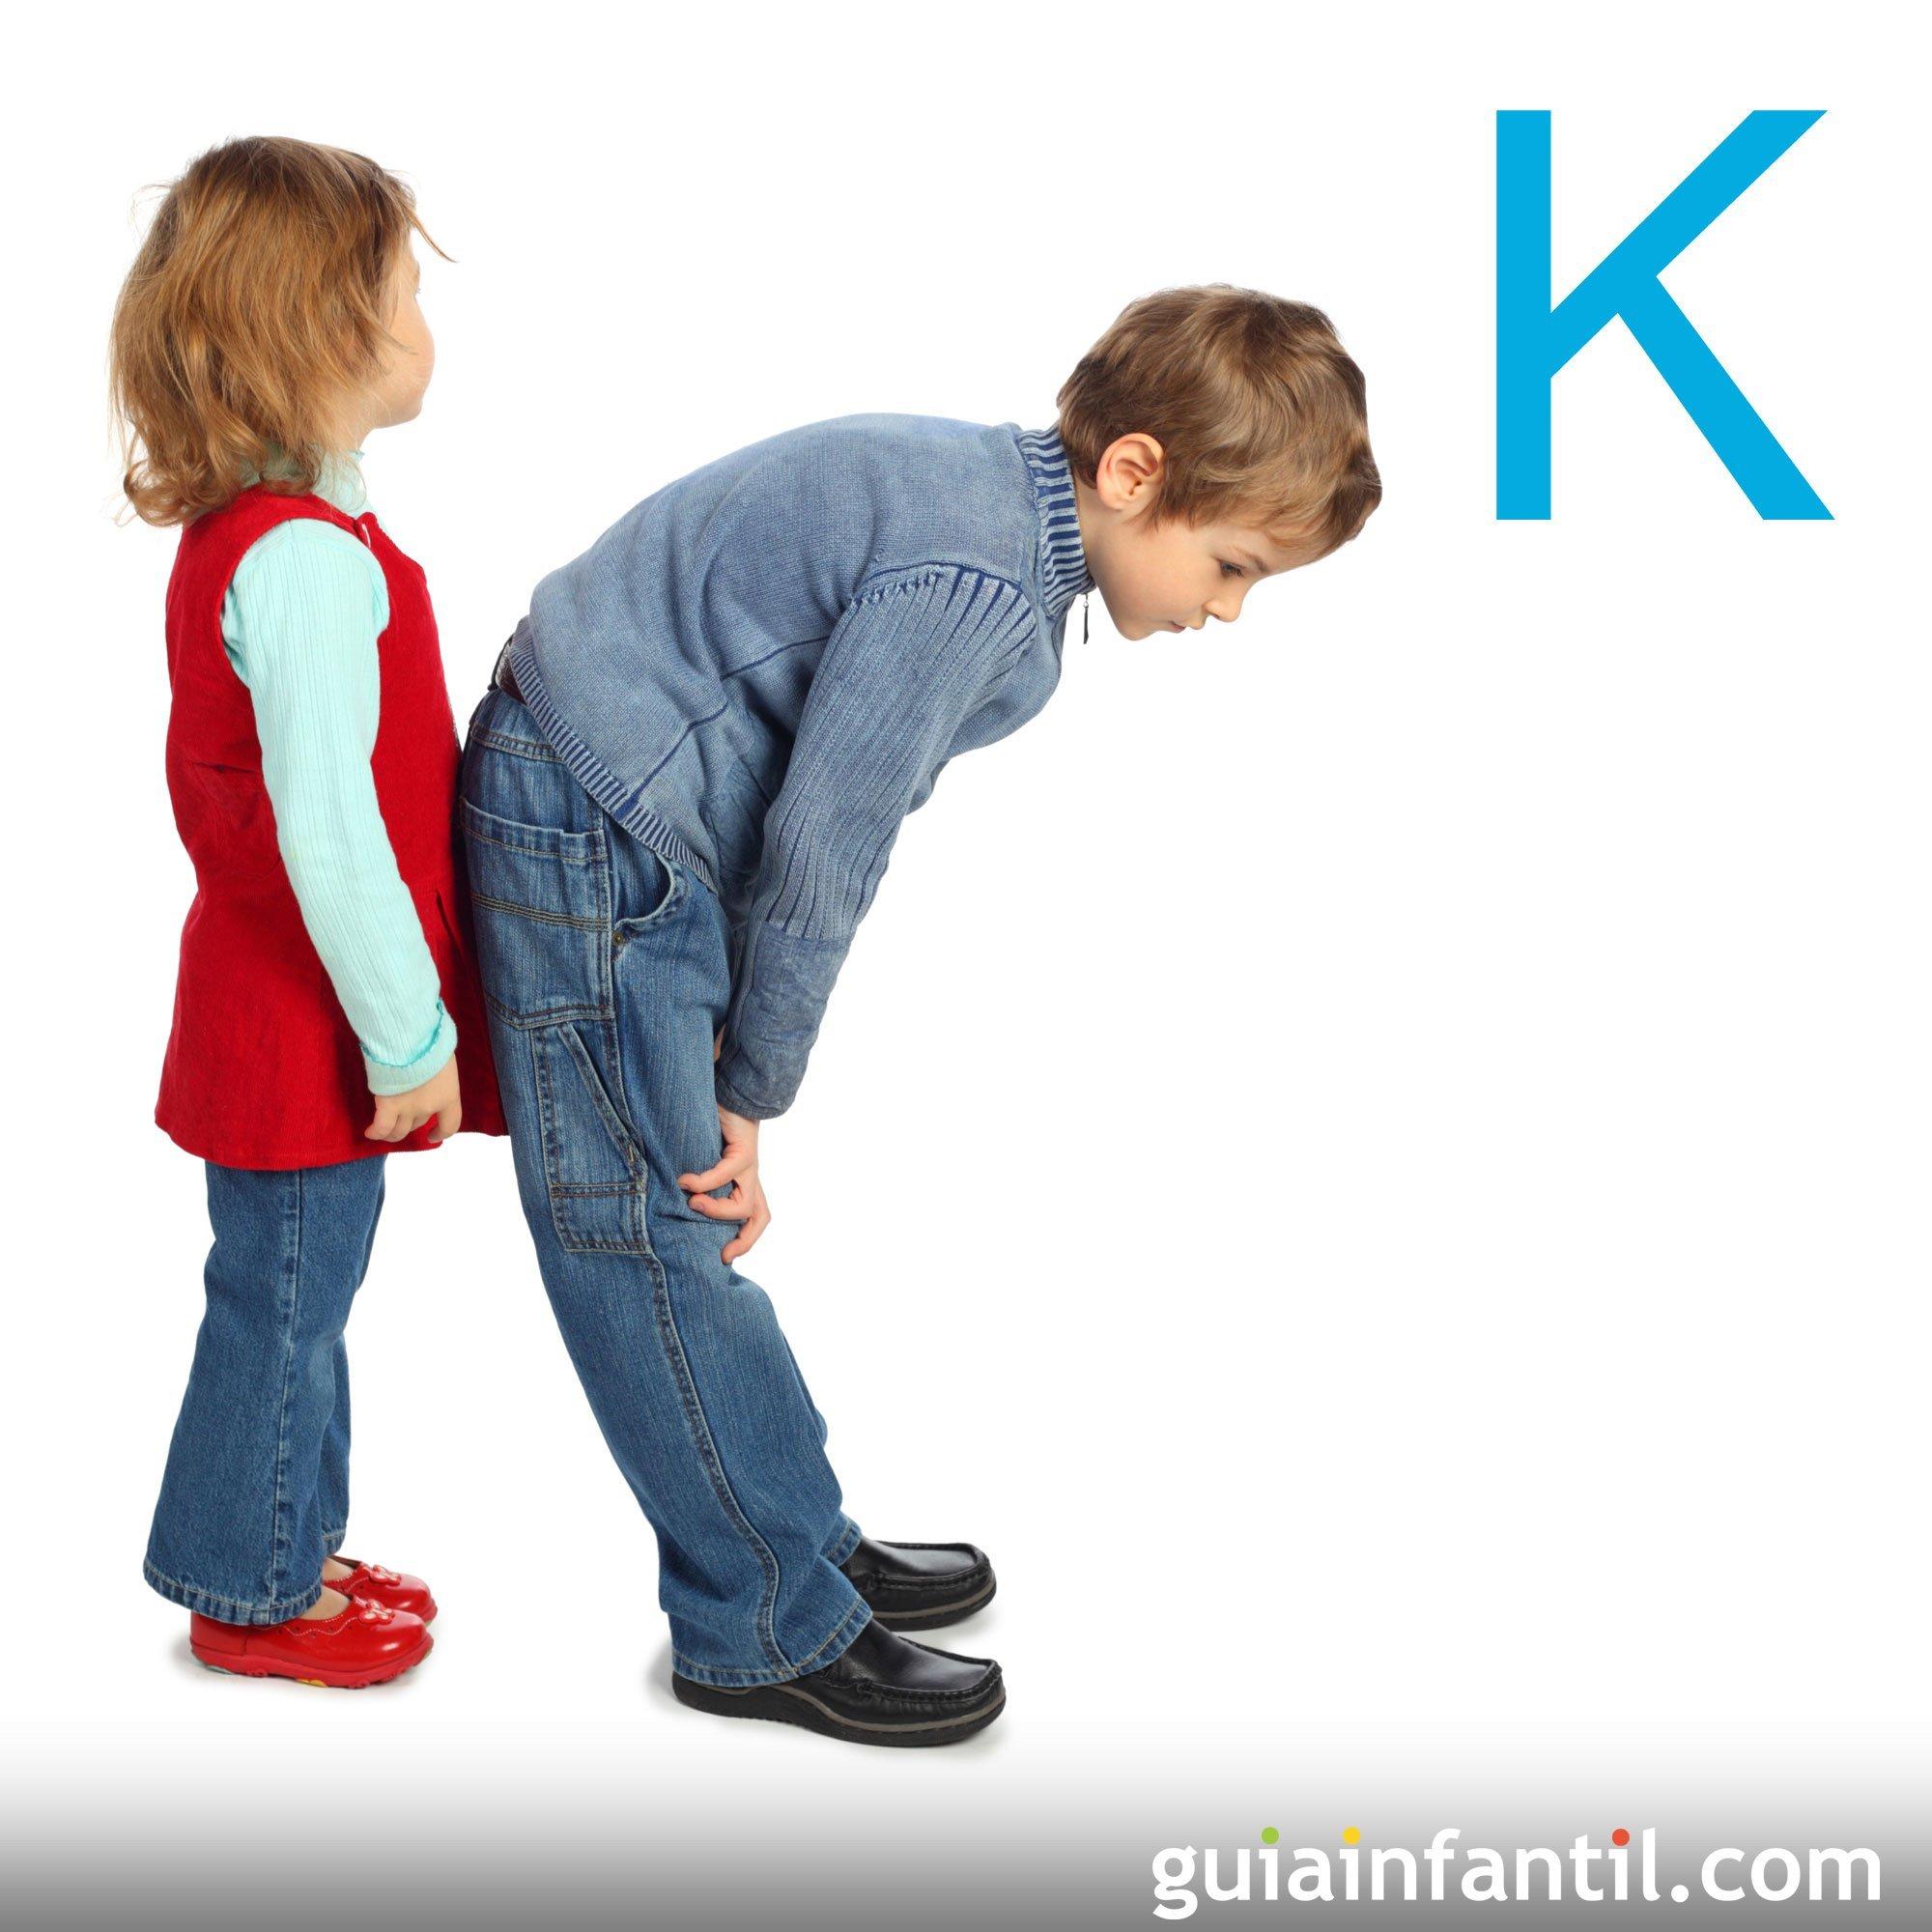 Juega a hacer la letra K con el cuerpo de los niños